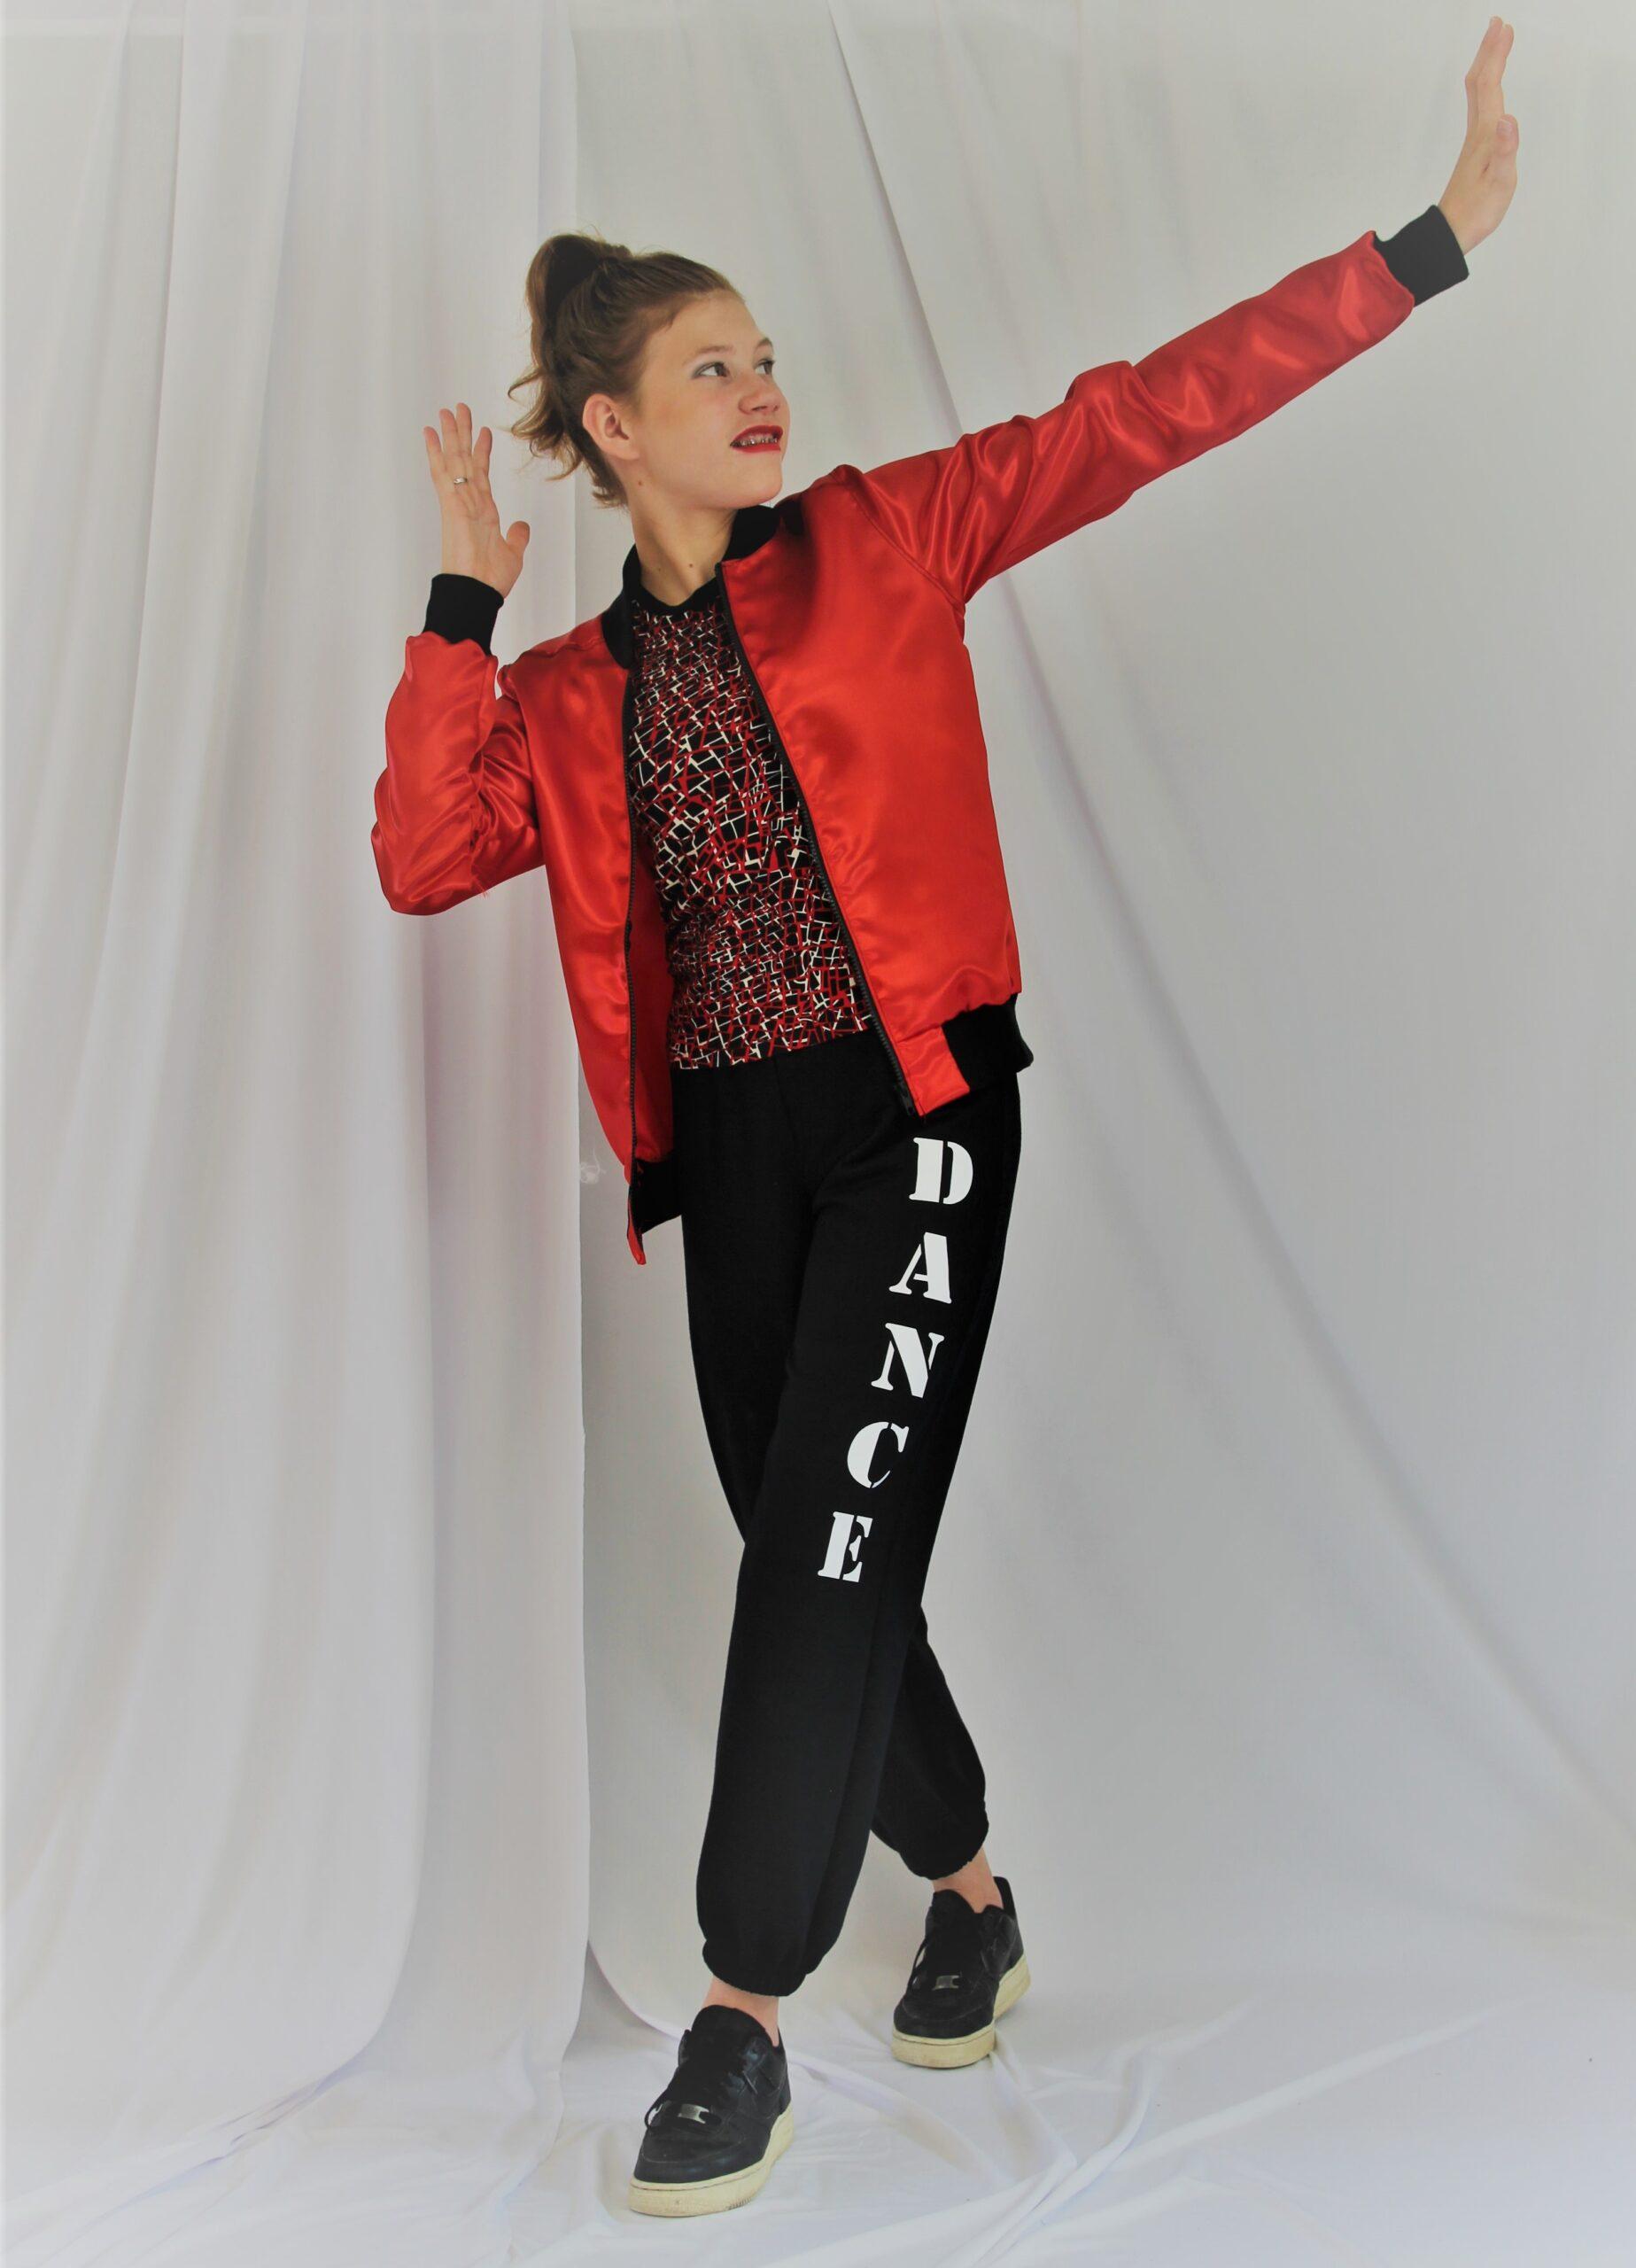 Dance kostuum tiener